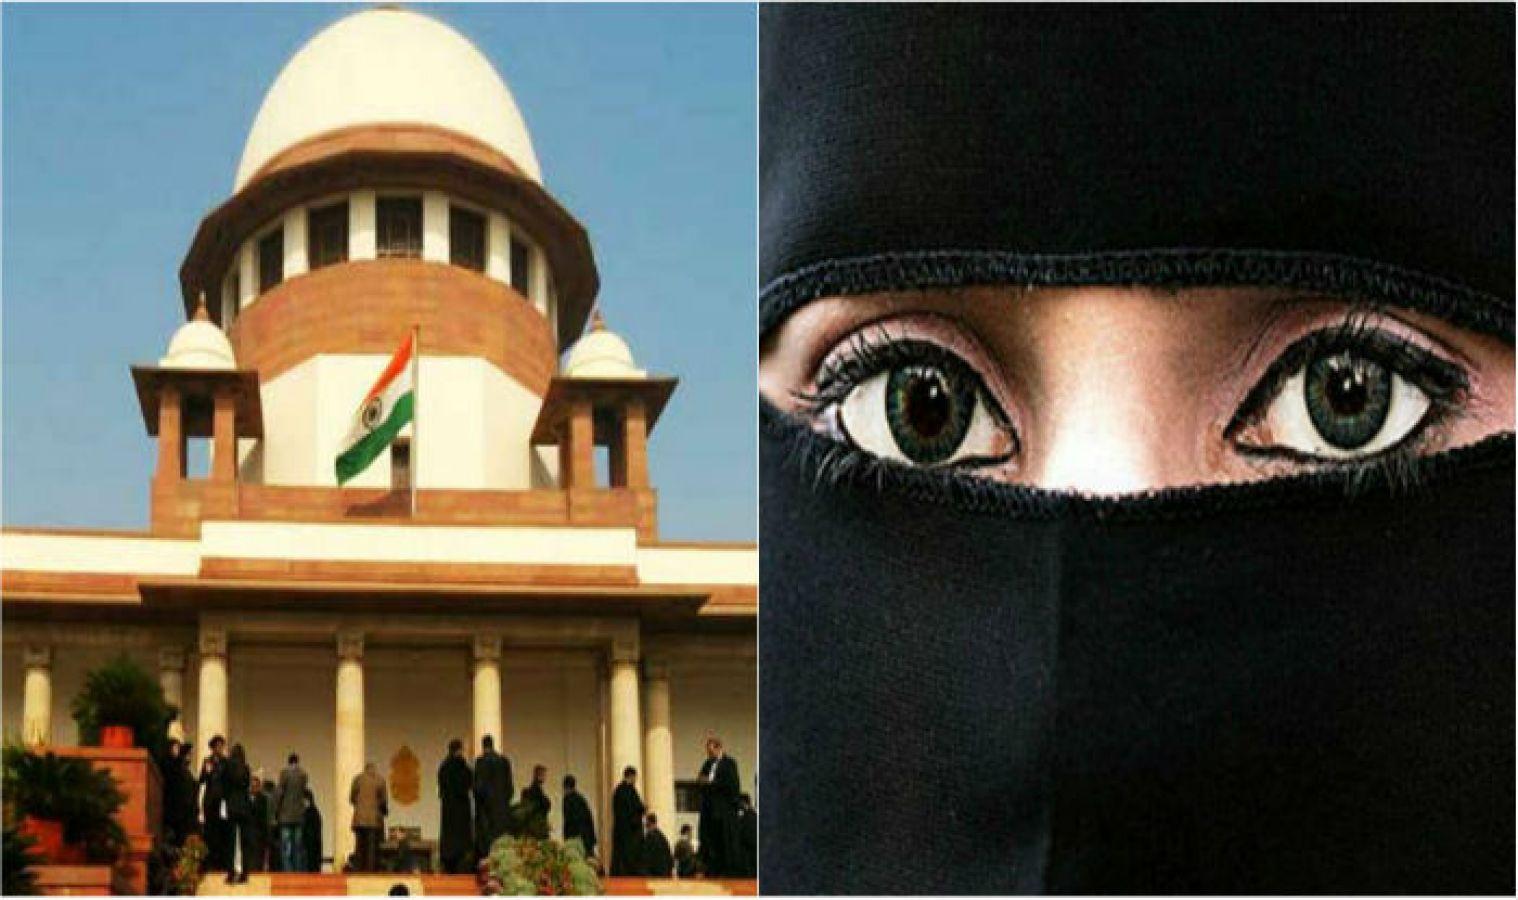 मस्जिद में महिलाओं के प्रवेश पर प्रतिबन्ध, कोर्ट ने पुछा मक्का-मदीना में क्या है नियम ?